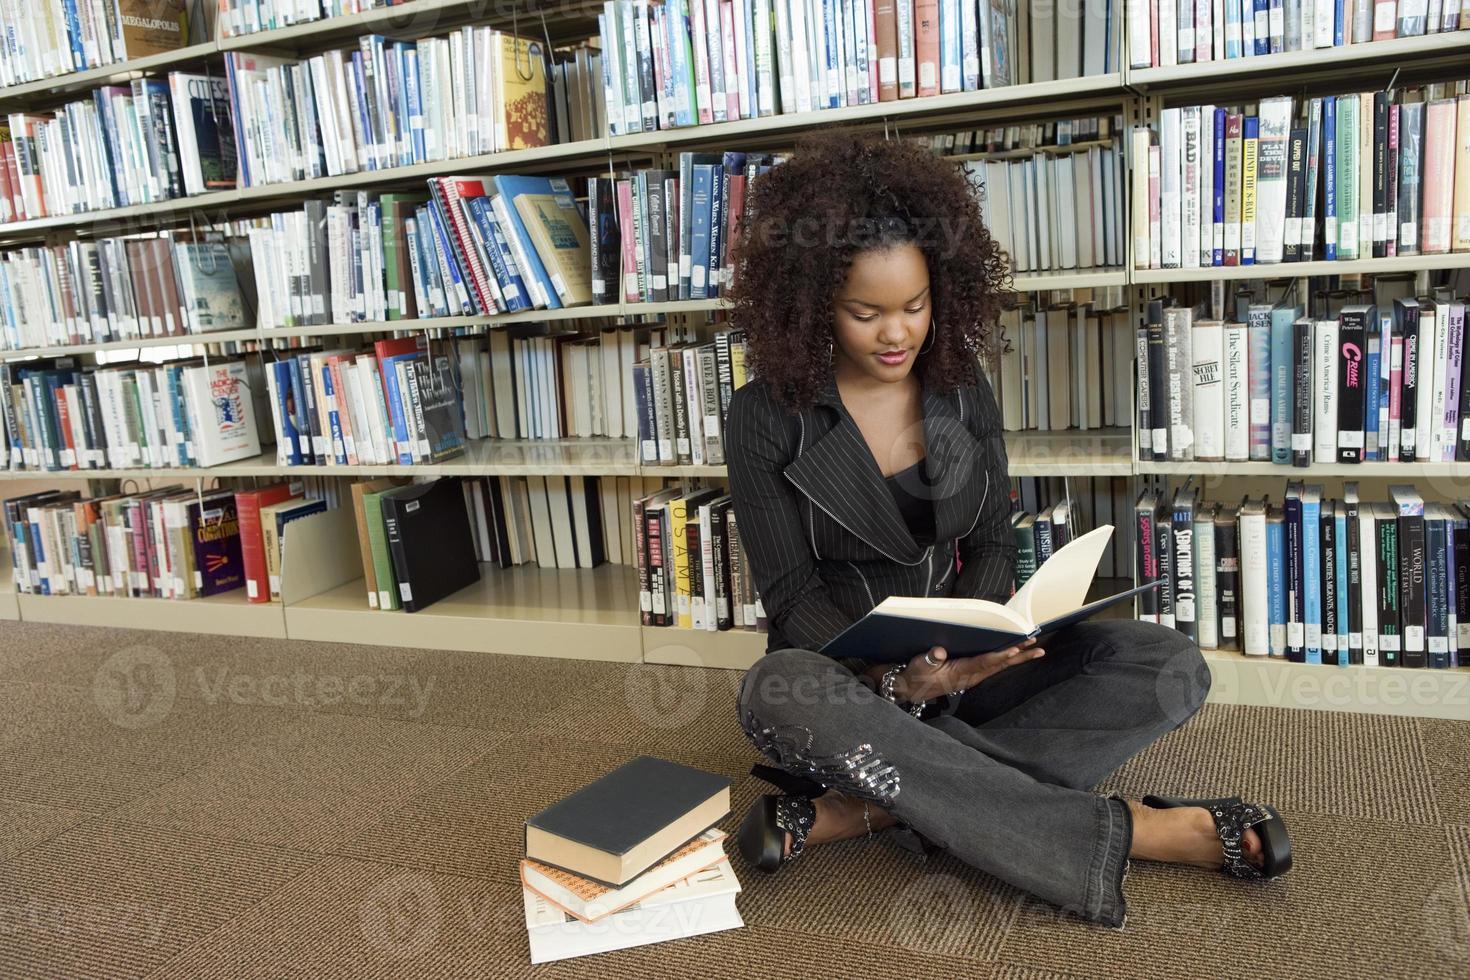 jonge vrouw in de bibliotheek foto